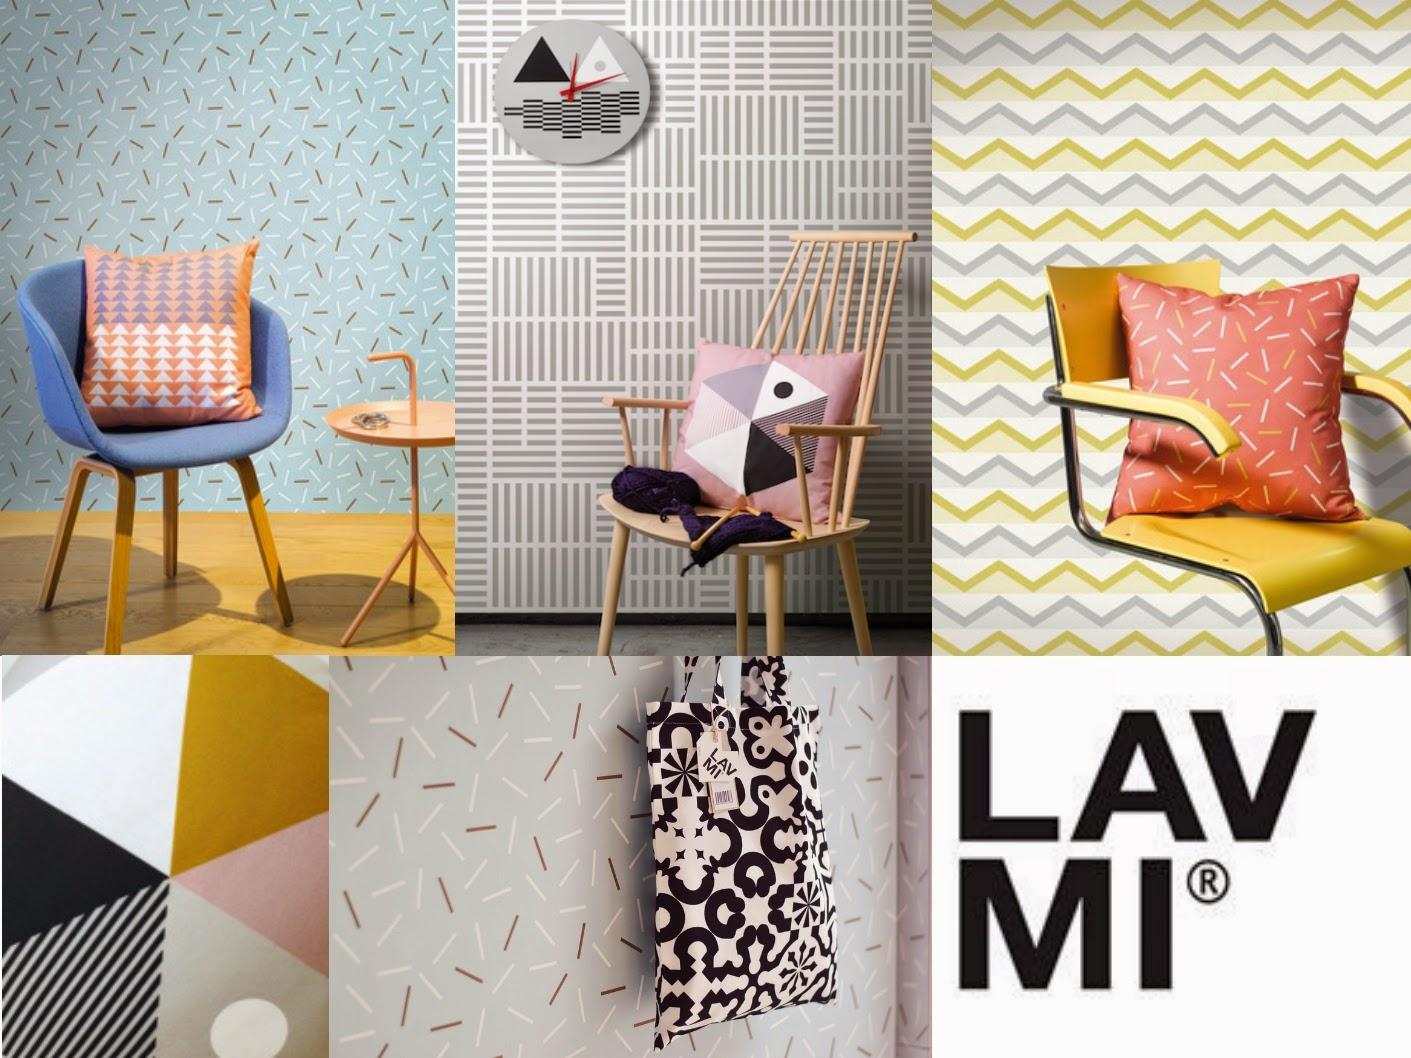 slavia vintage le blog de l 39 est design d co et lifestyle lavmi sur. Black Bedroom Furniture Sets. Home Design Ideas